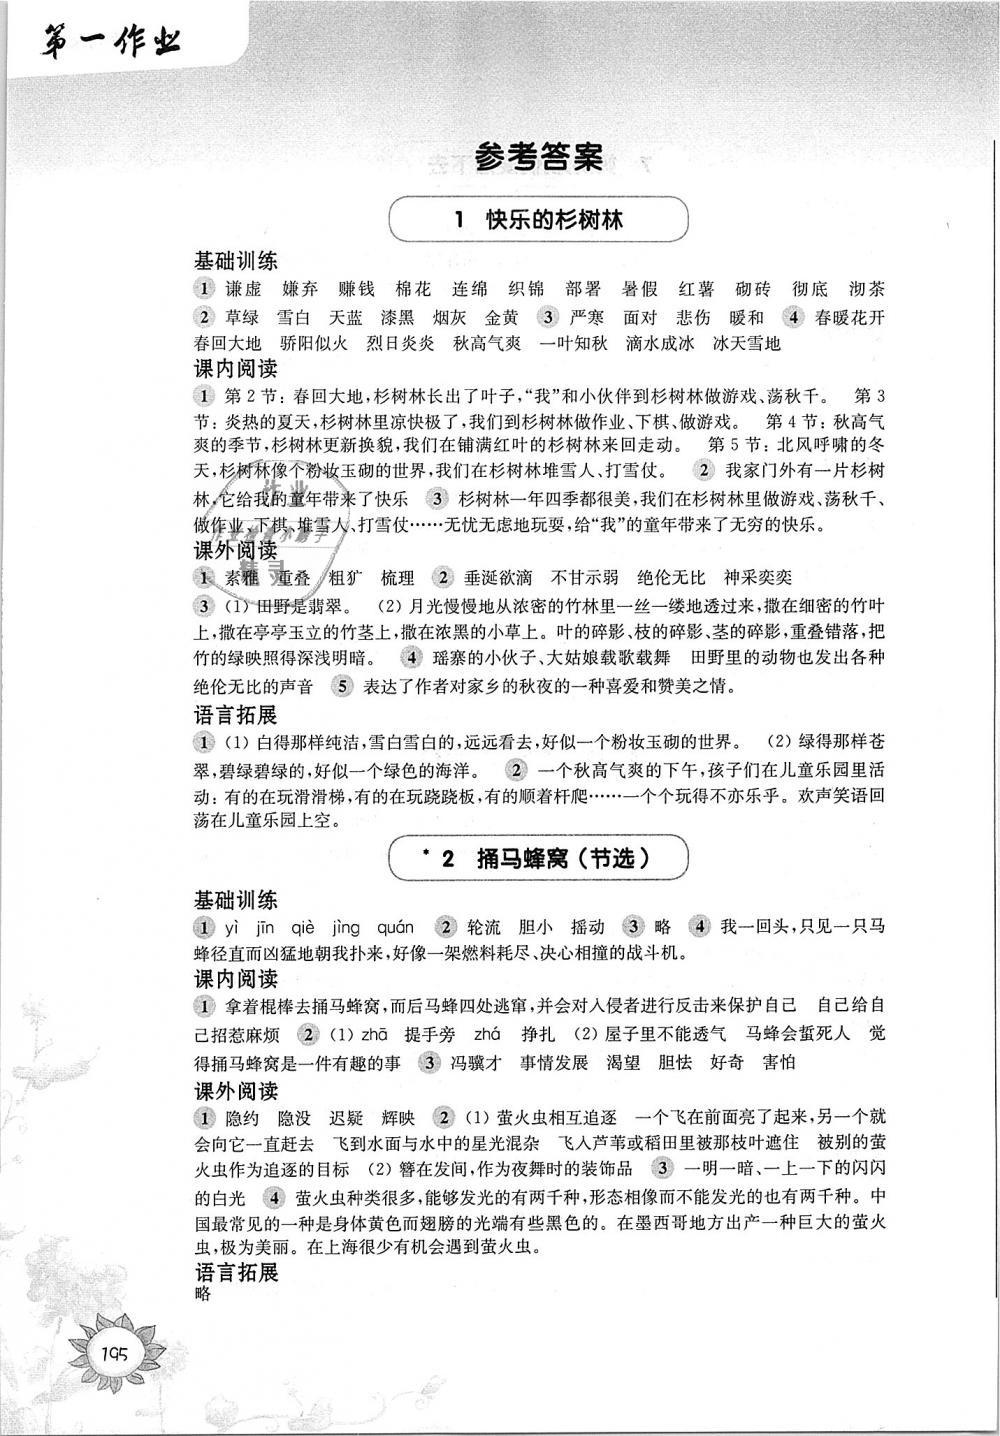 2018年第一作业五年级语文第一学期沪教版第1页